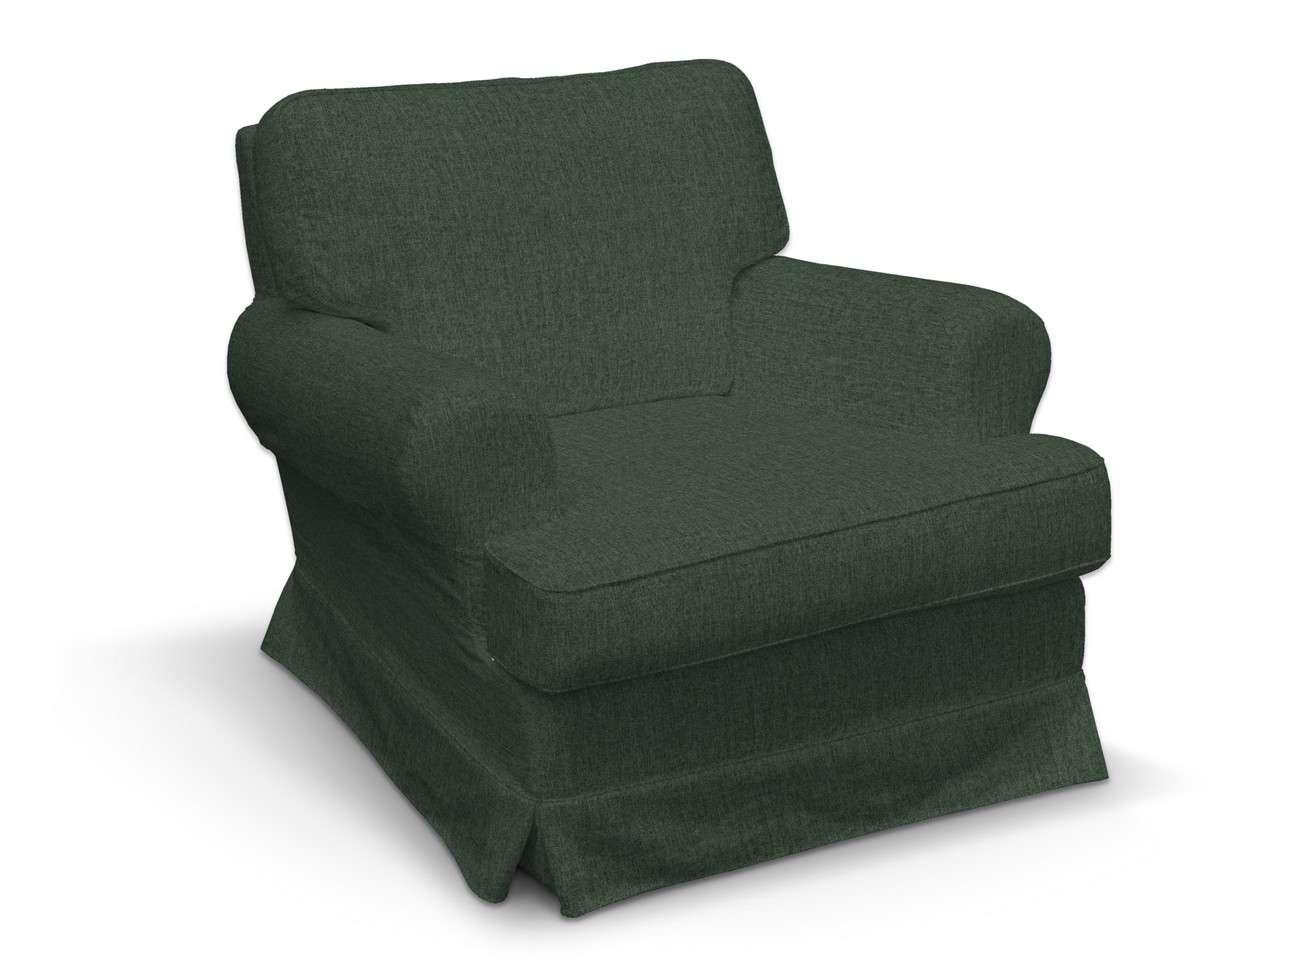 Pokrowiec na fotel Barkaby w kolekcji City, tkanina: 704-81